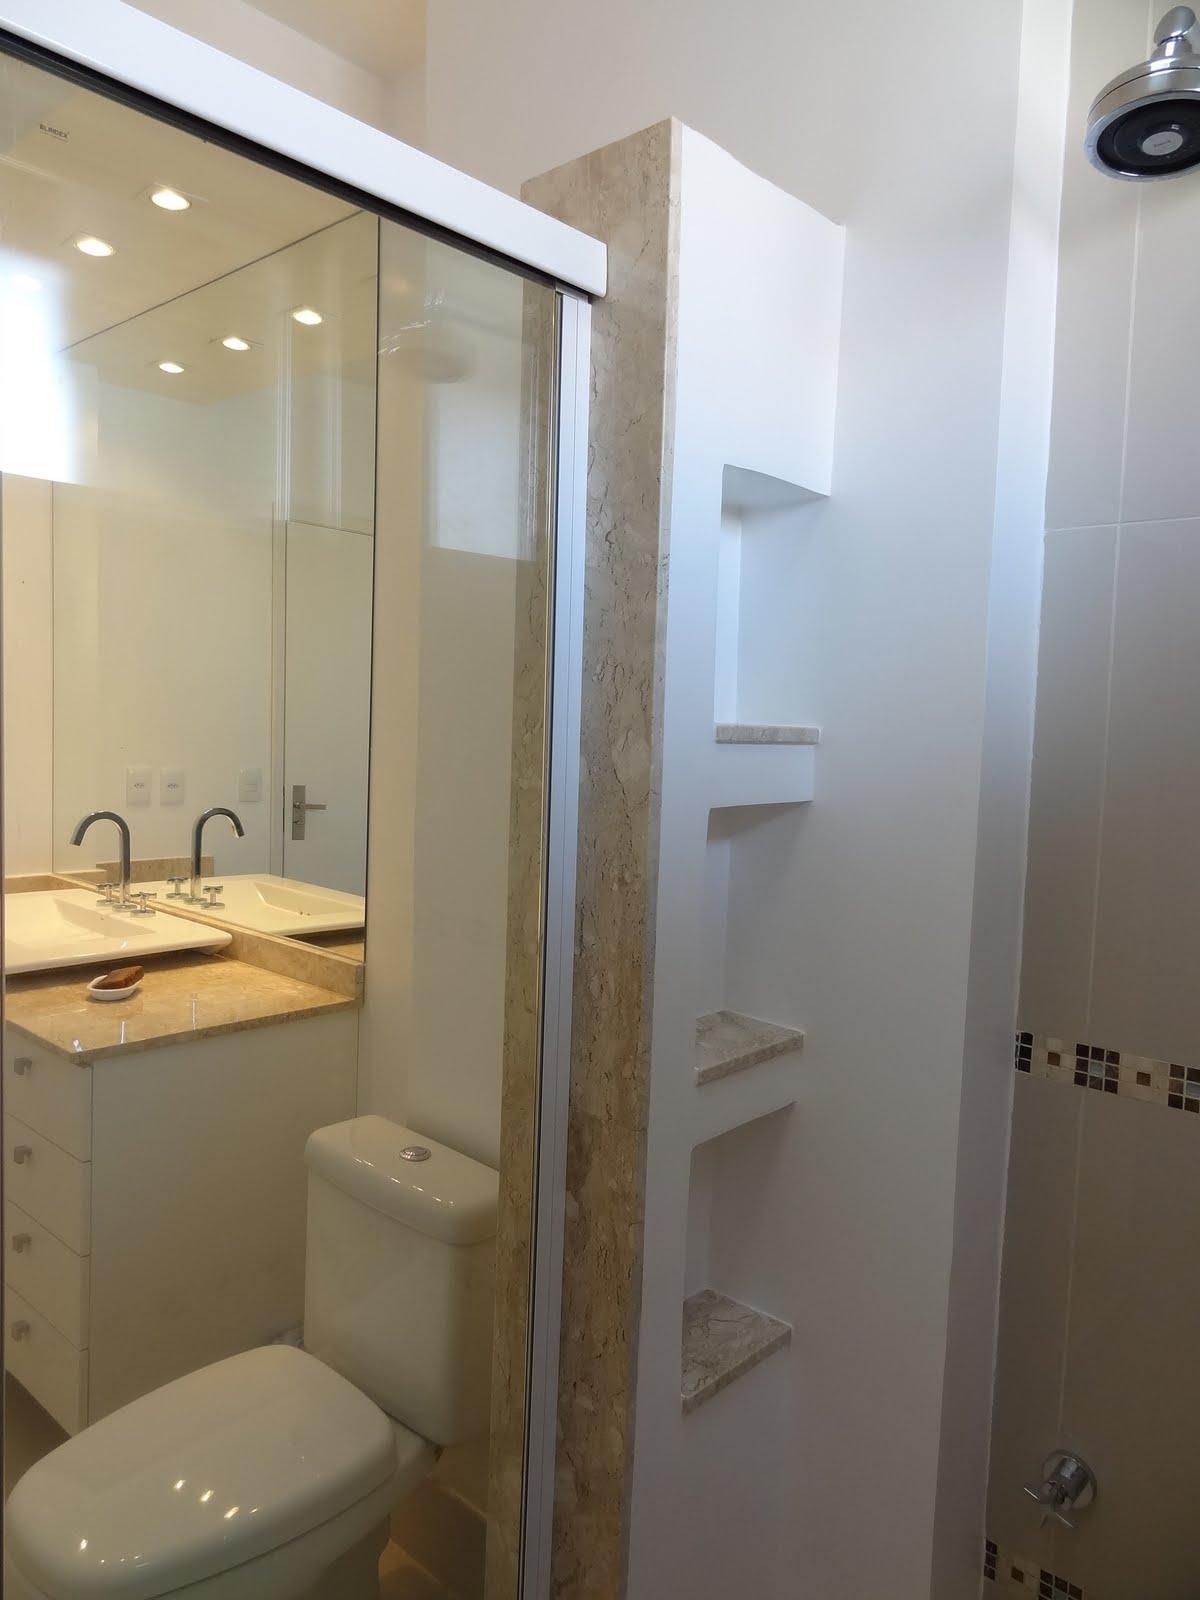 Banheiro: piso porcelanato com detalhes em placas da mozarte no piso  #916D3A 1200x1600 Arquitetura Piso Banheiro